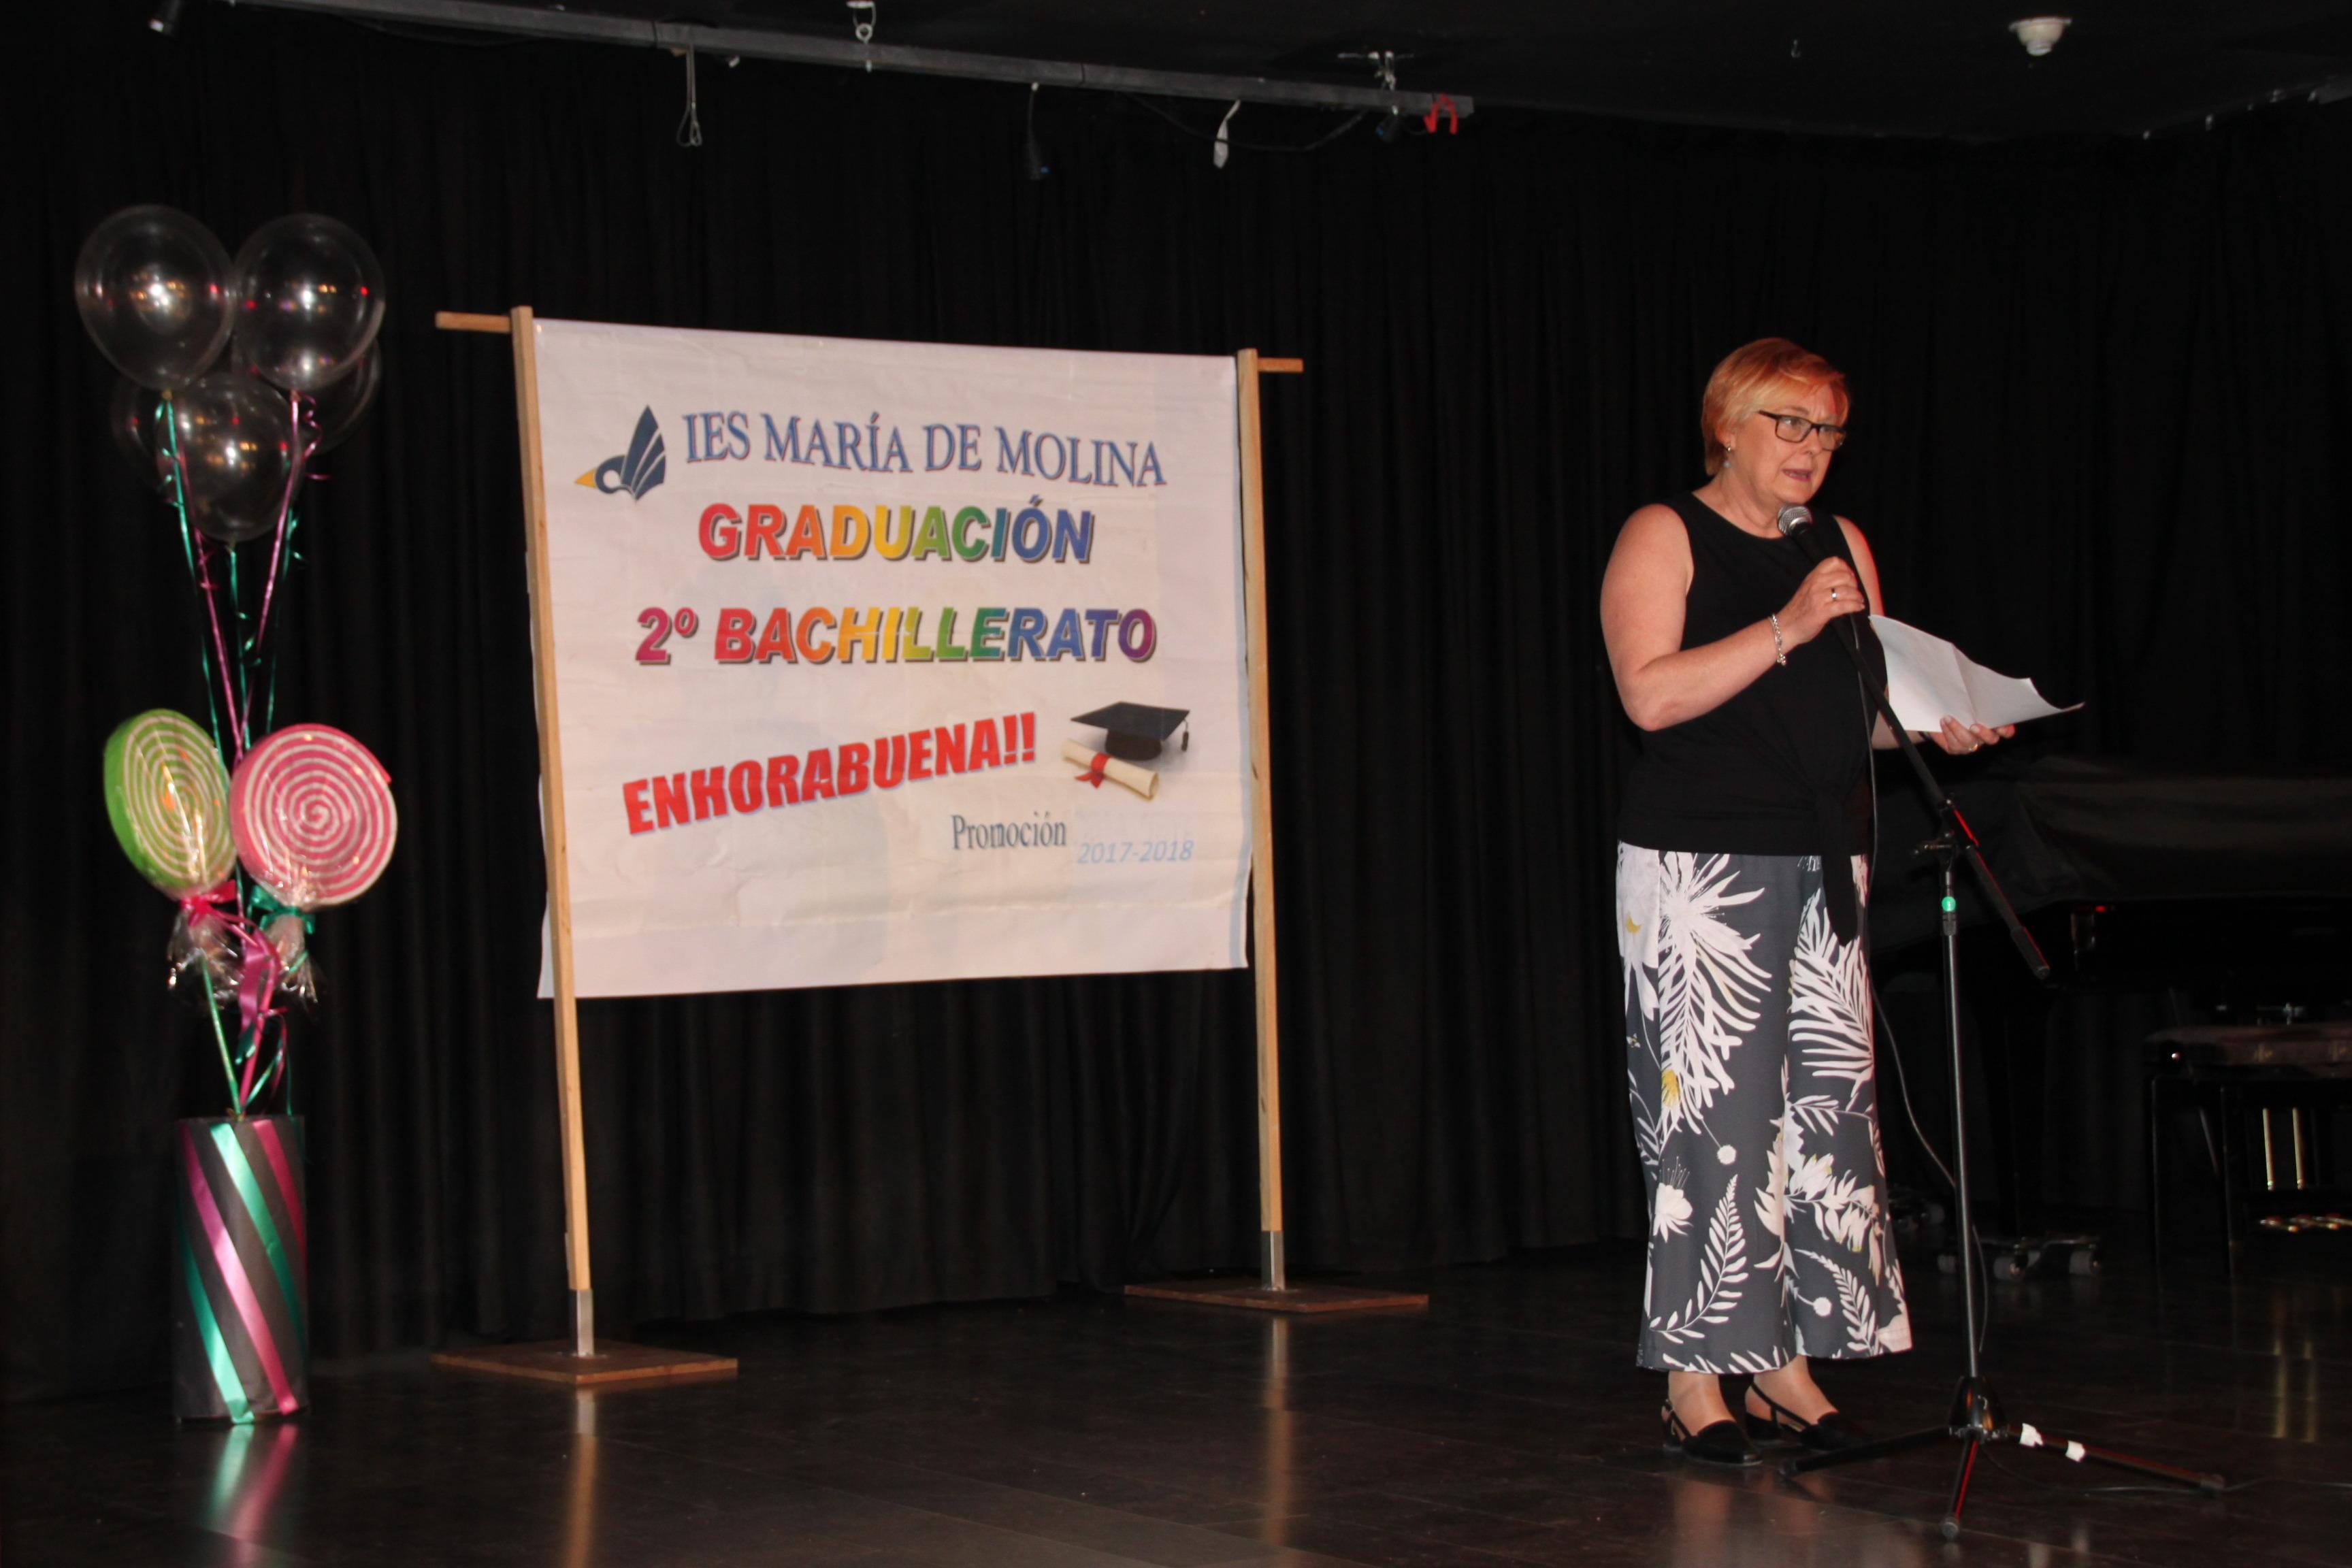 Graduación 2º bachillerato 2017-2018. IES María de Molina (Madrid) (1/2) 34